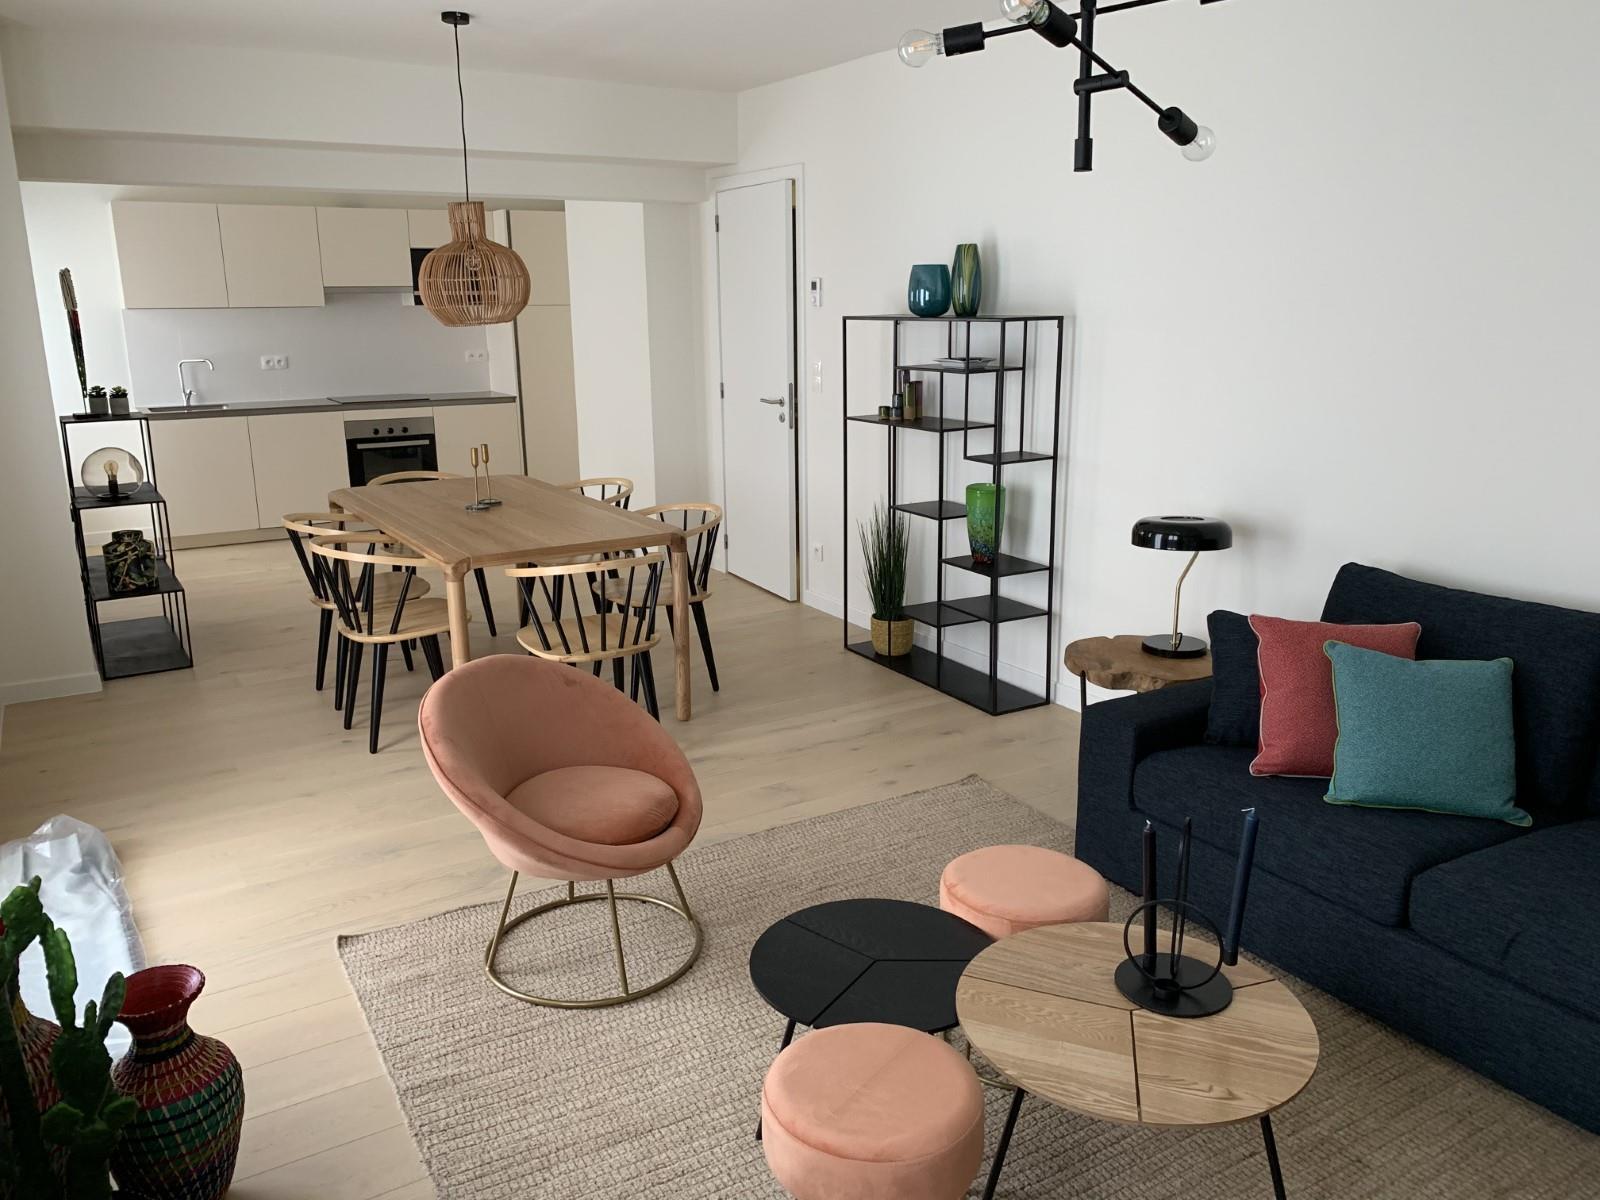 Appartement exceptionnel - Schaerbeek - #3827674-3